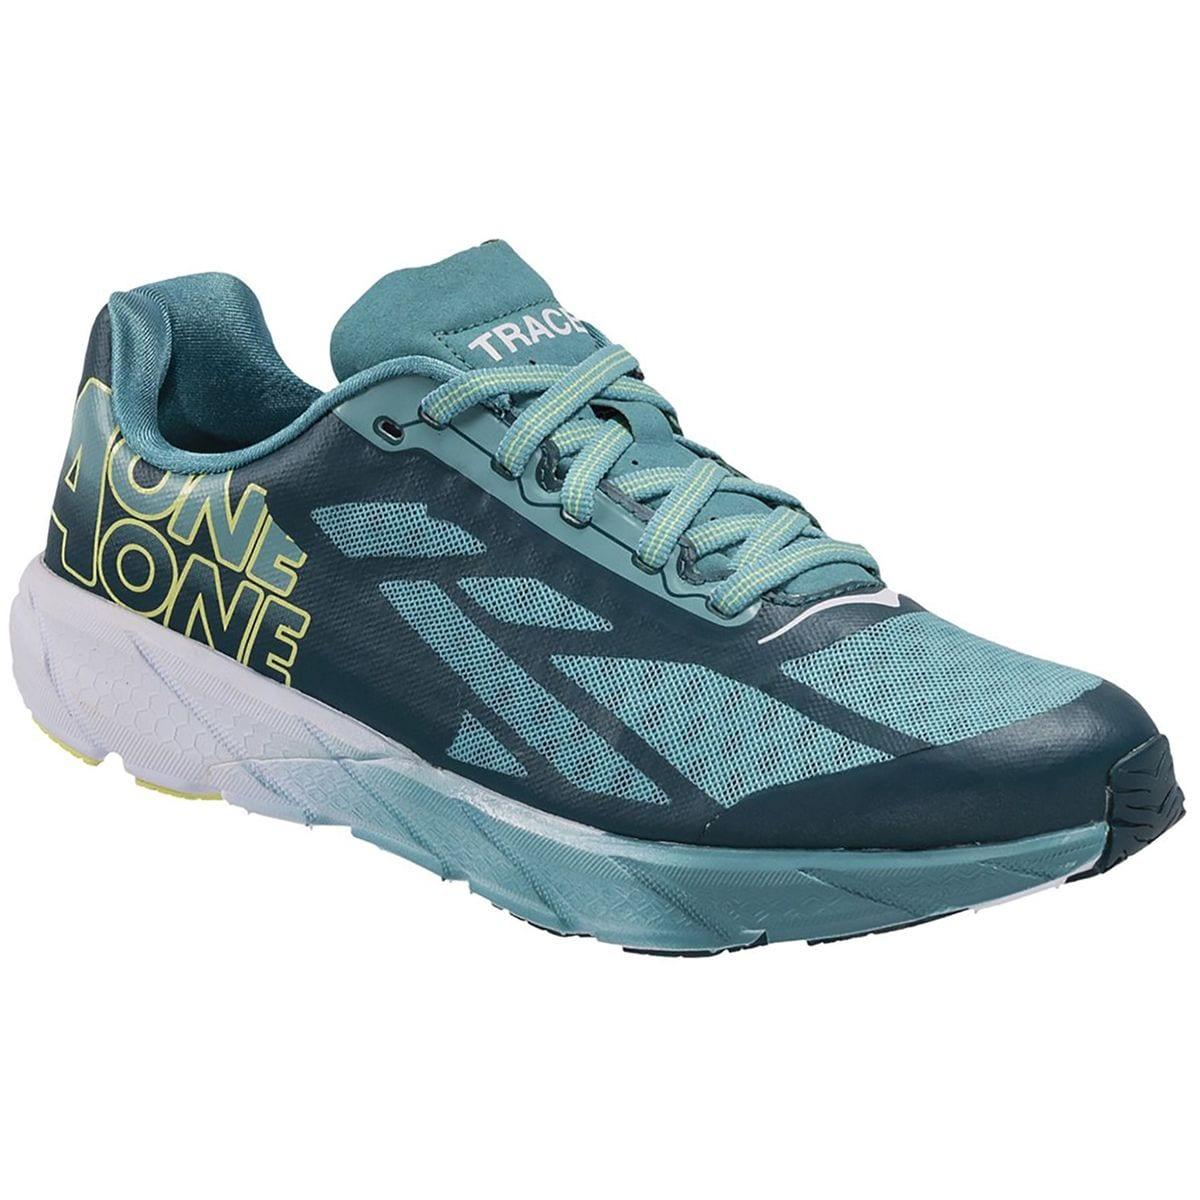 Hoka One One Women S Tracer Running Shoe